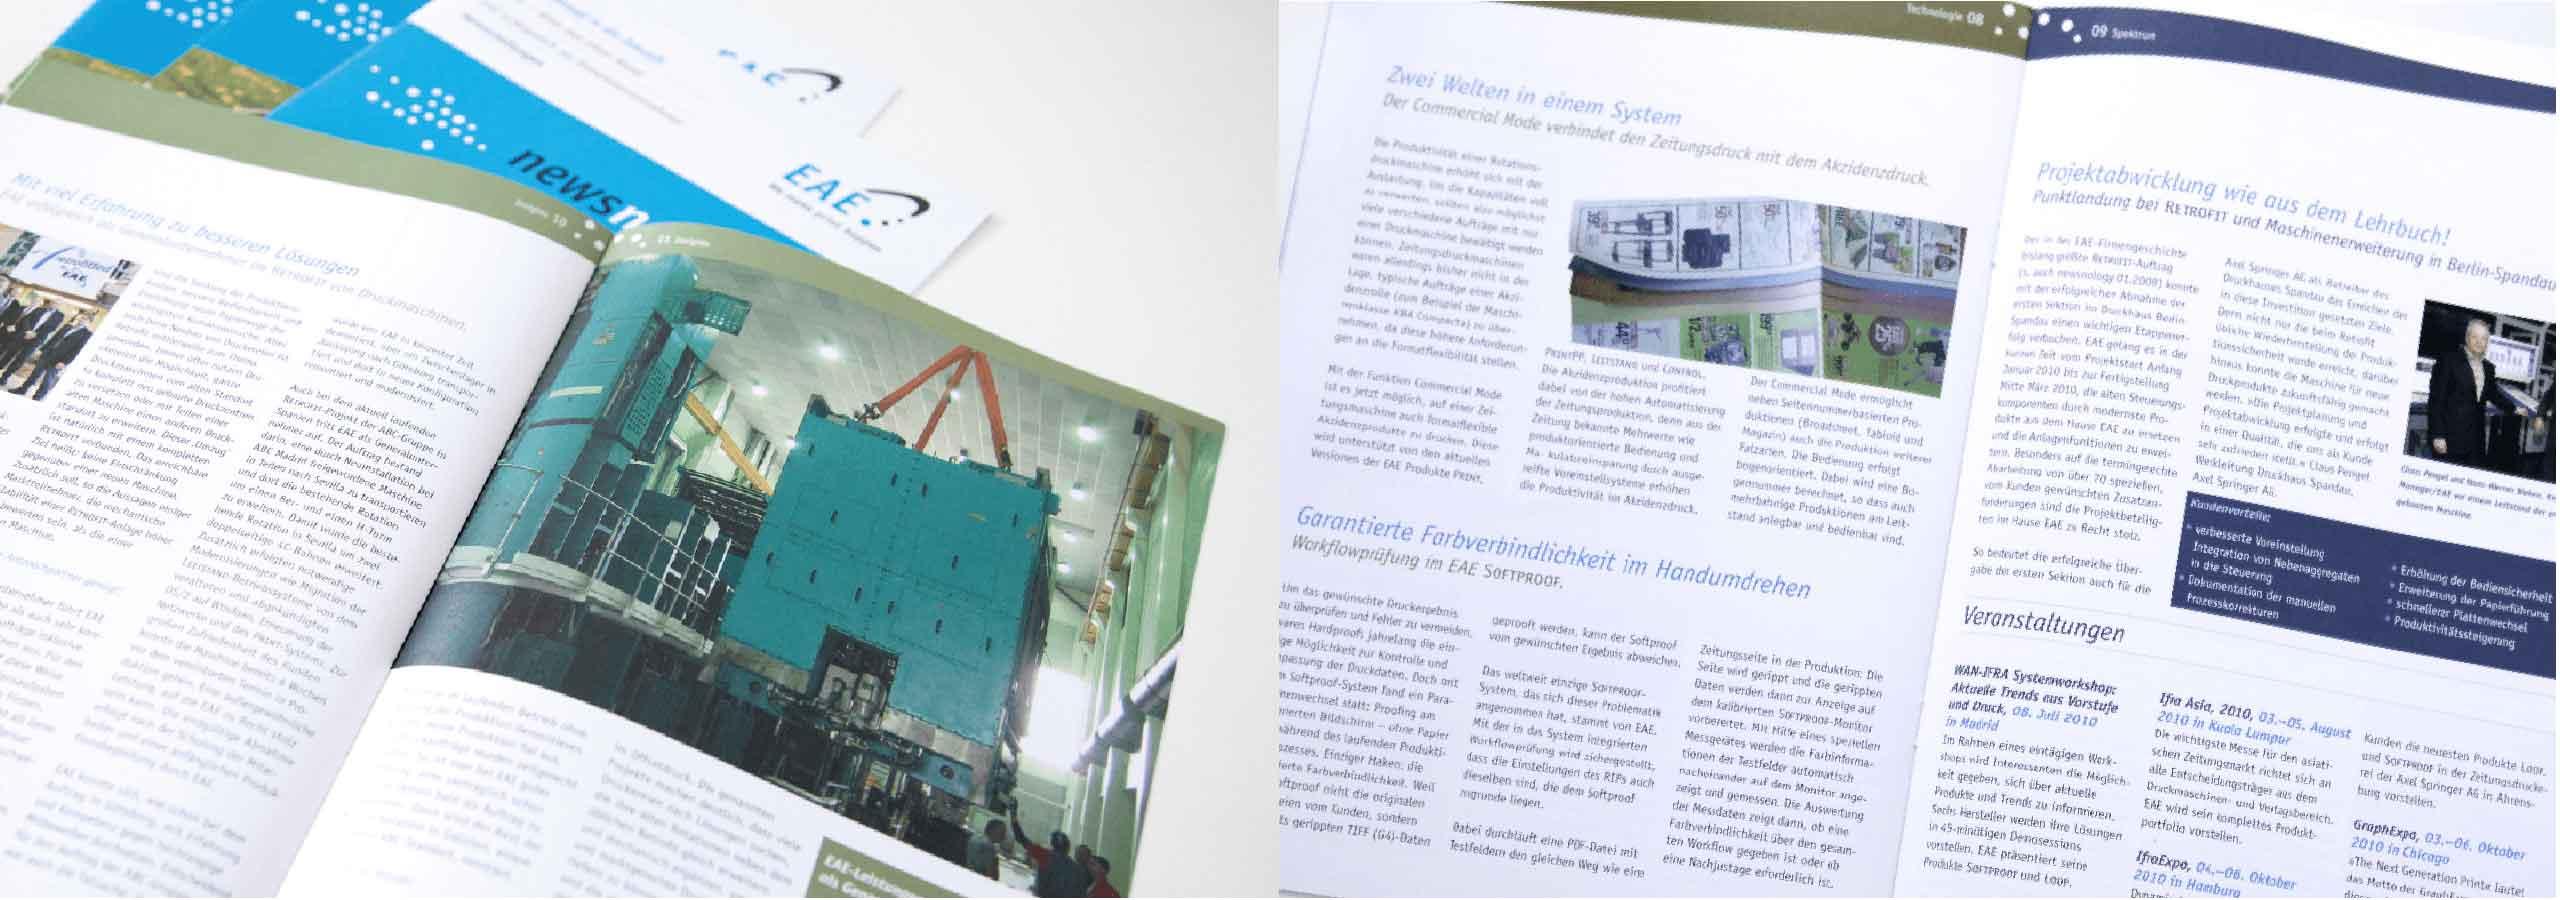 Magazin Design für Software-Unternehmen Hamburg